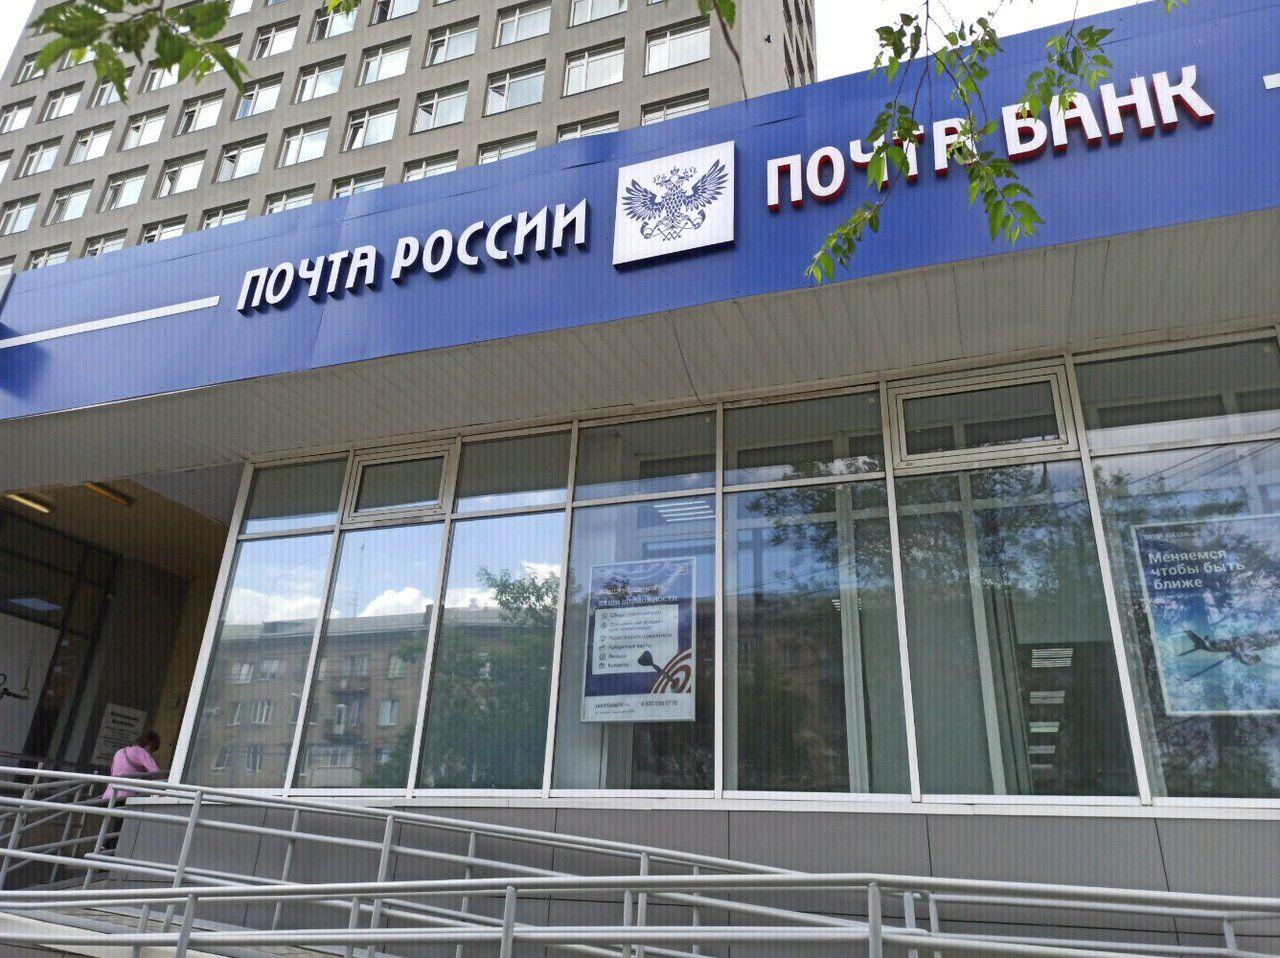 Бизнес Центр Центр Международной Торговли Челябинск